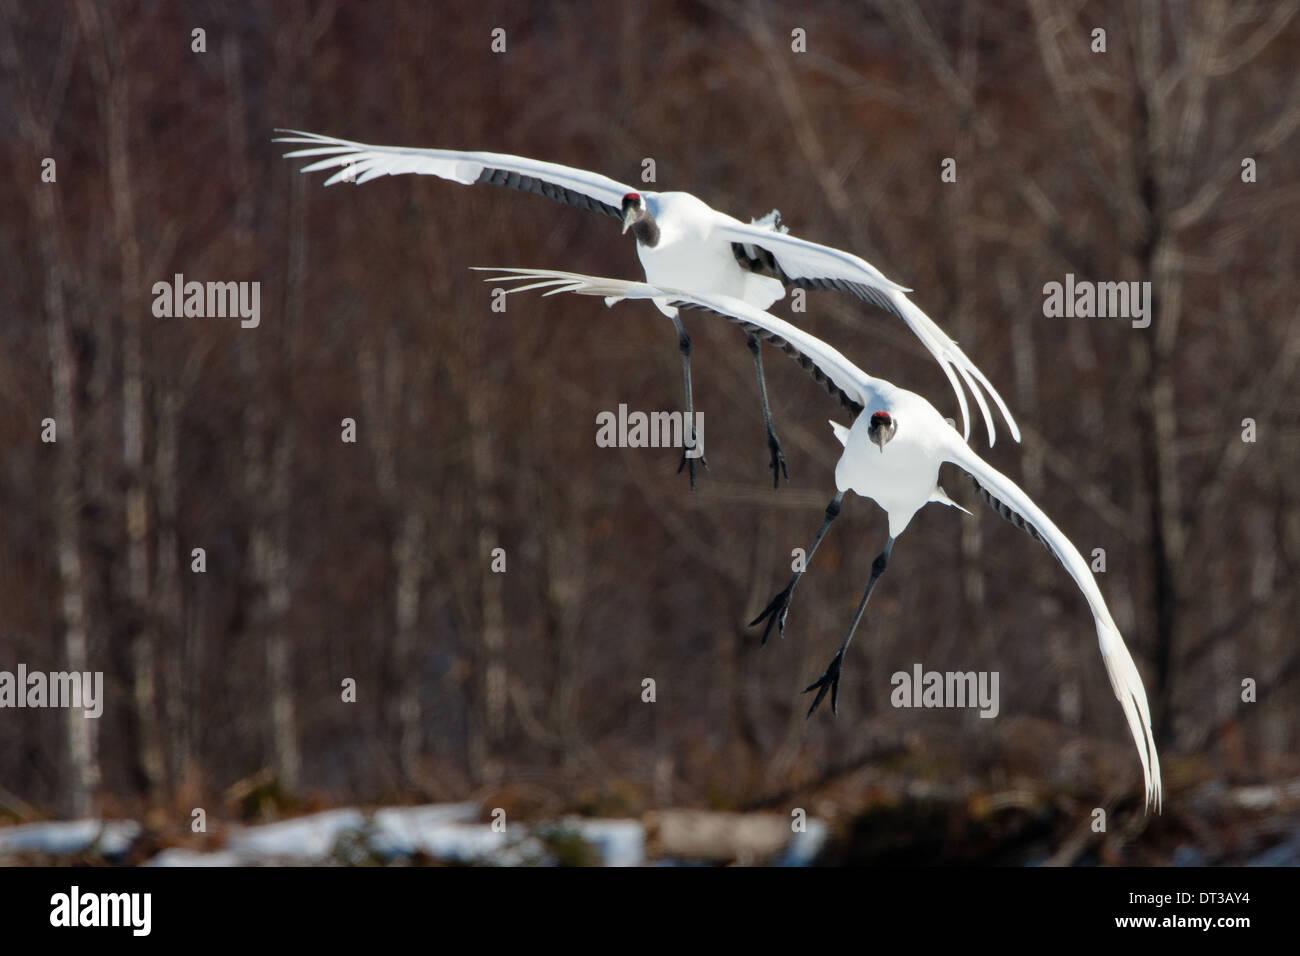 Japanese cranes, Hokkaido, Japan - Stock Image